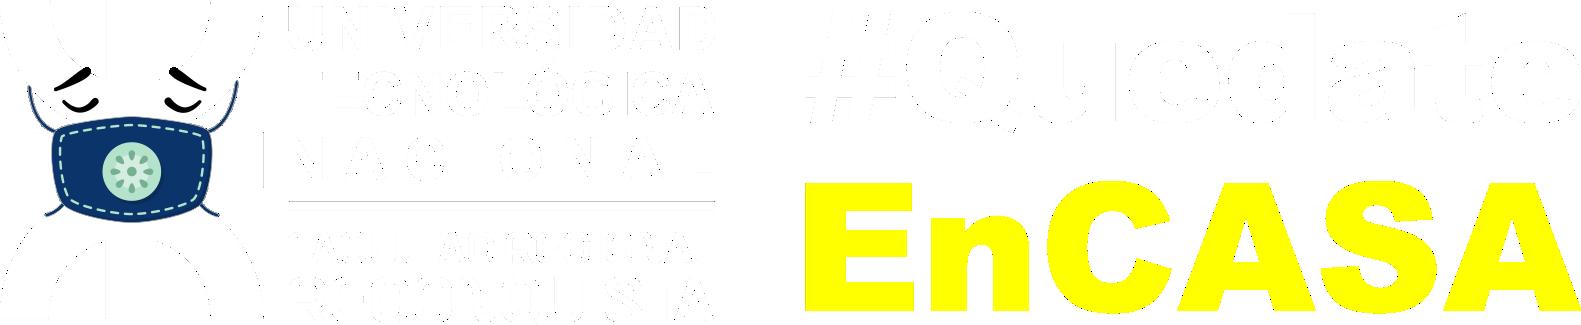 UTN Reconquista